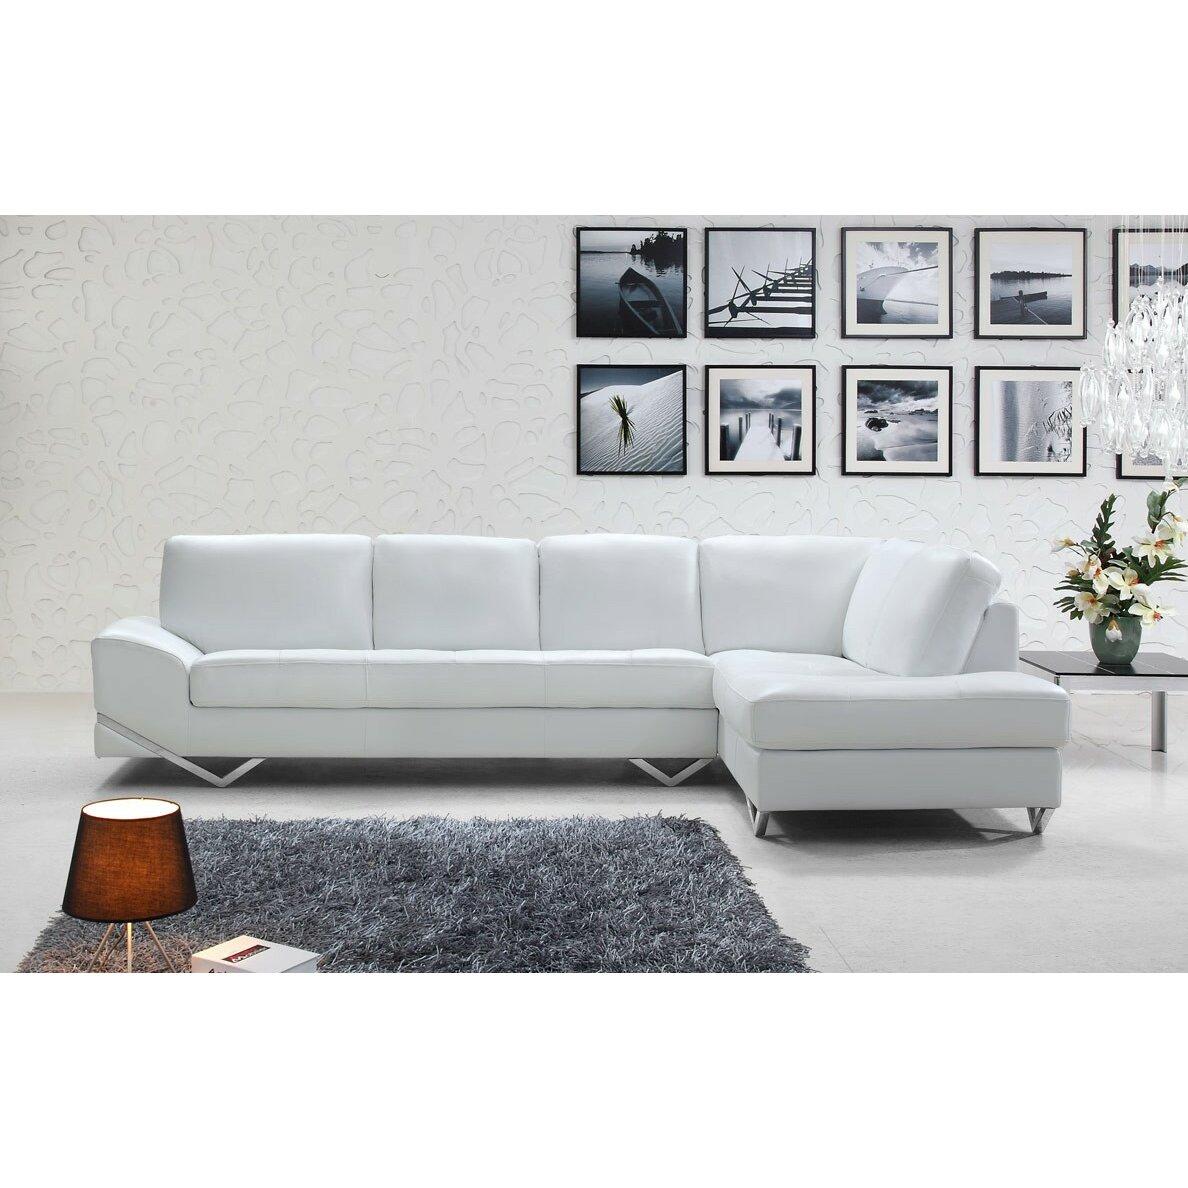 Vig Furniture Divani Casa Sectional Reviews Wayfair